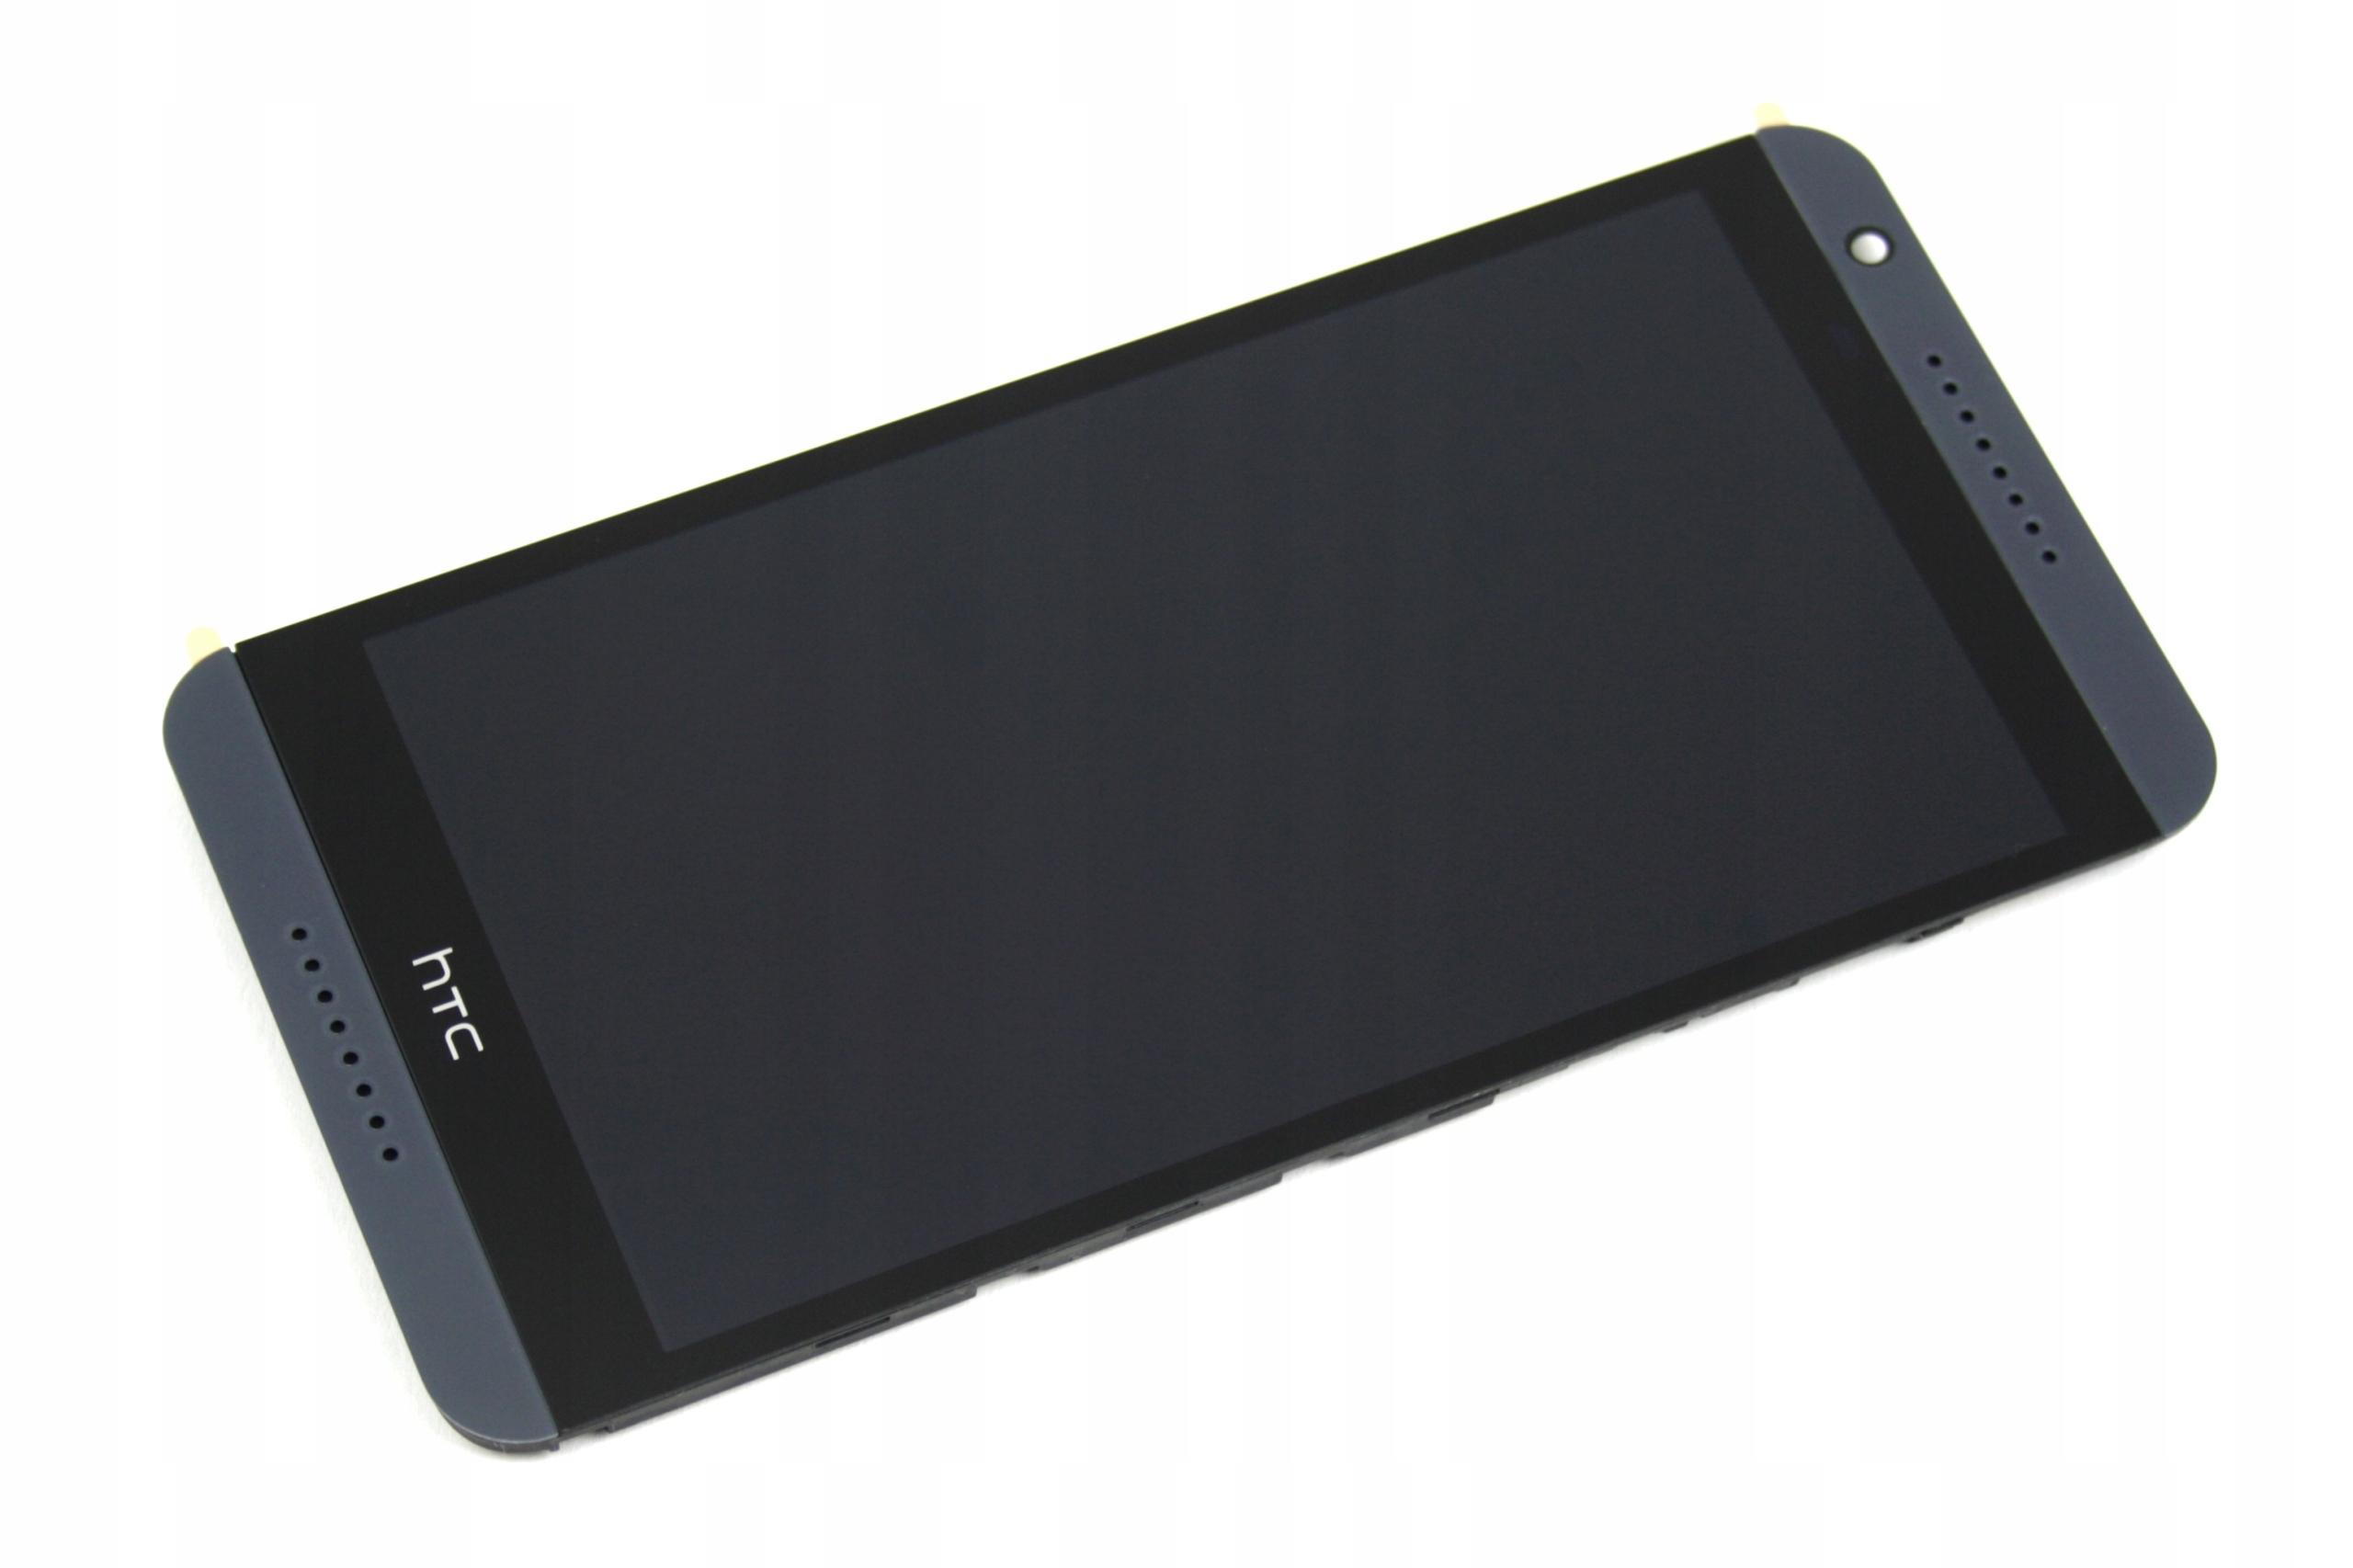 WYŚWIETLACZ Z DIGITIZEREM FULL SET HTC DESIRE 820 - Wyświetlacze z digitizerami do telefonów